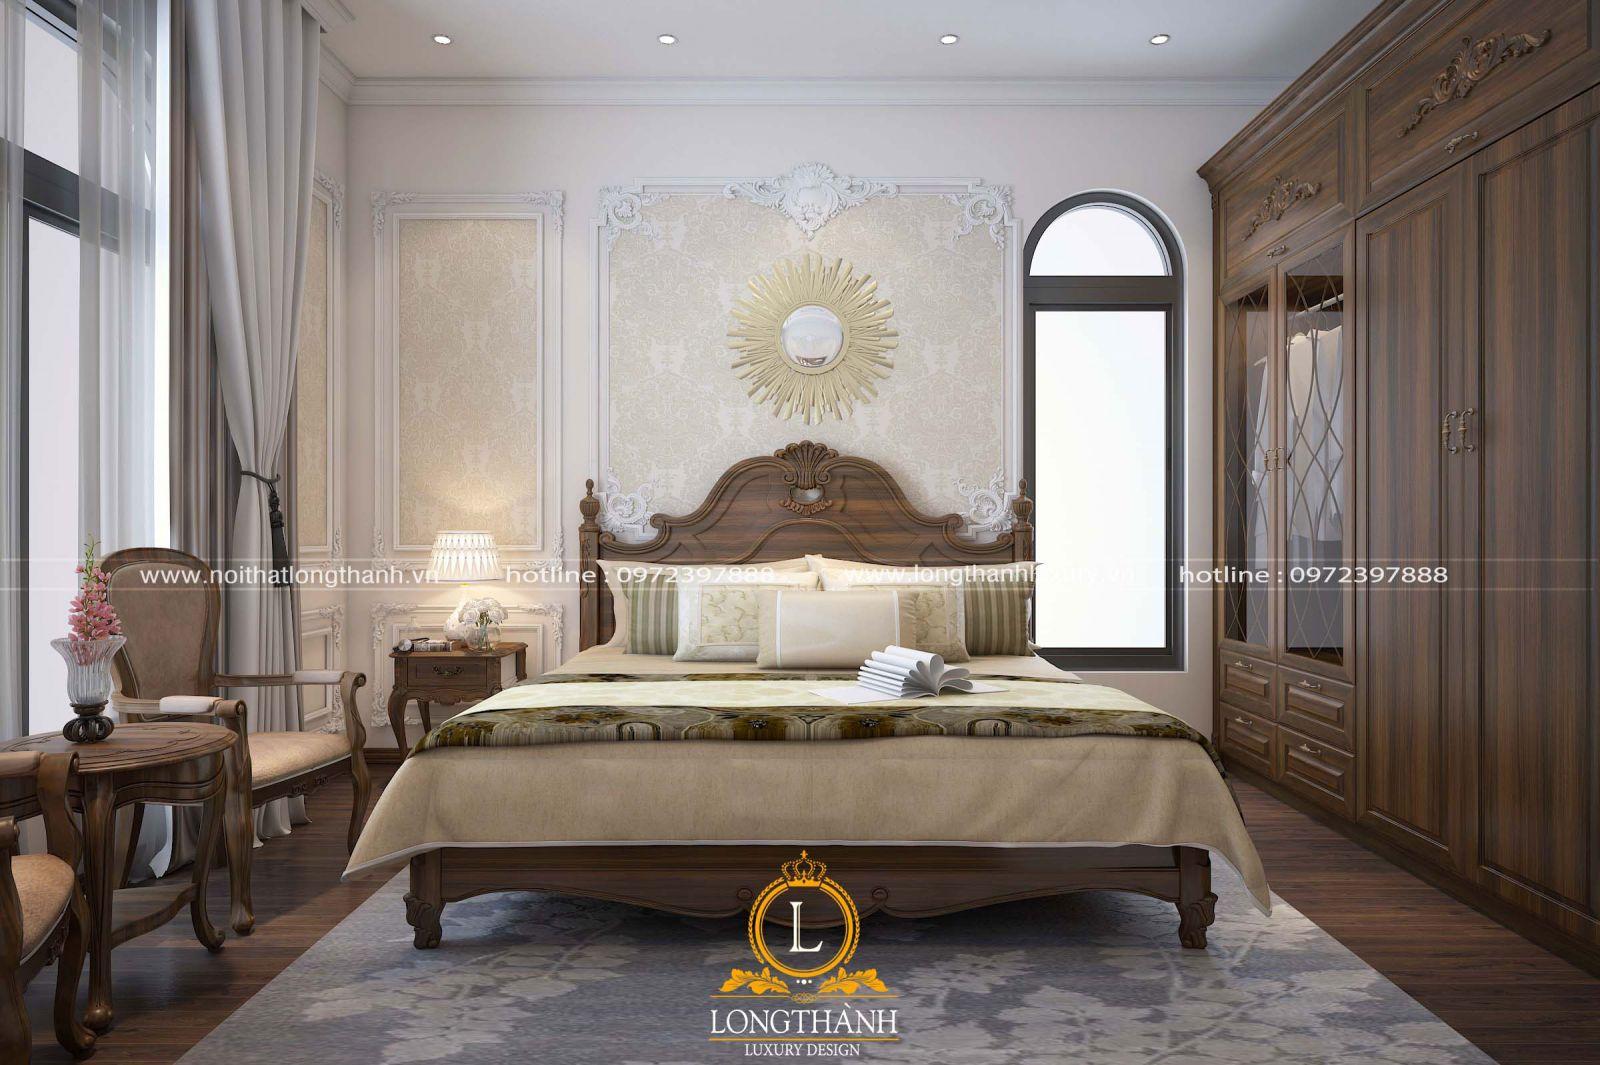 Phòng ngủ cao cấp sử dụng chất liệu gỗ Óc Chó tự nhiên